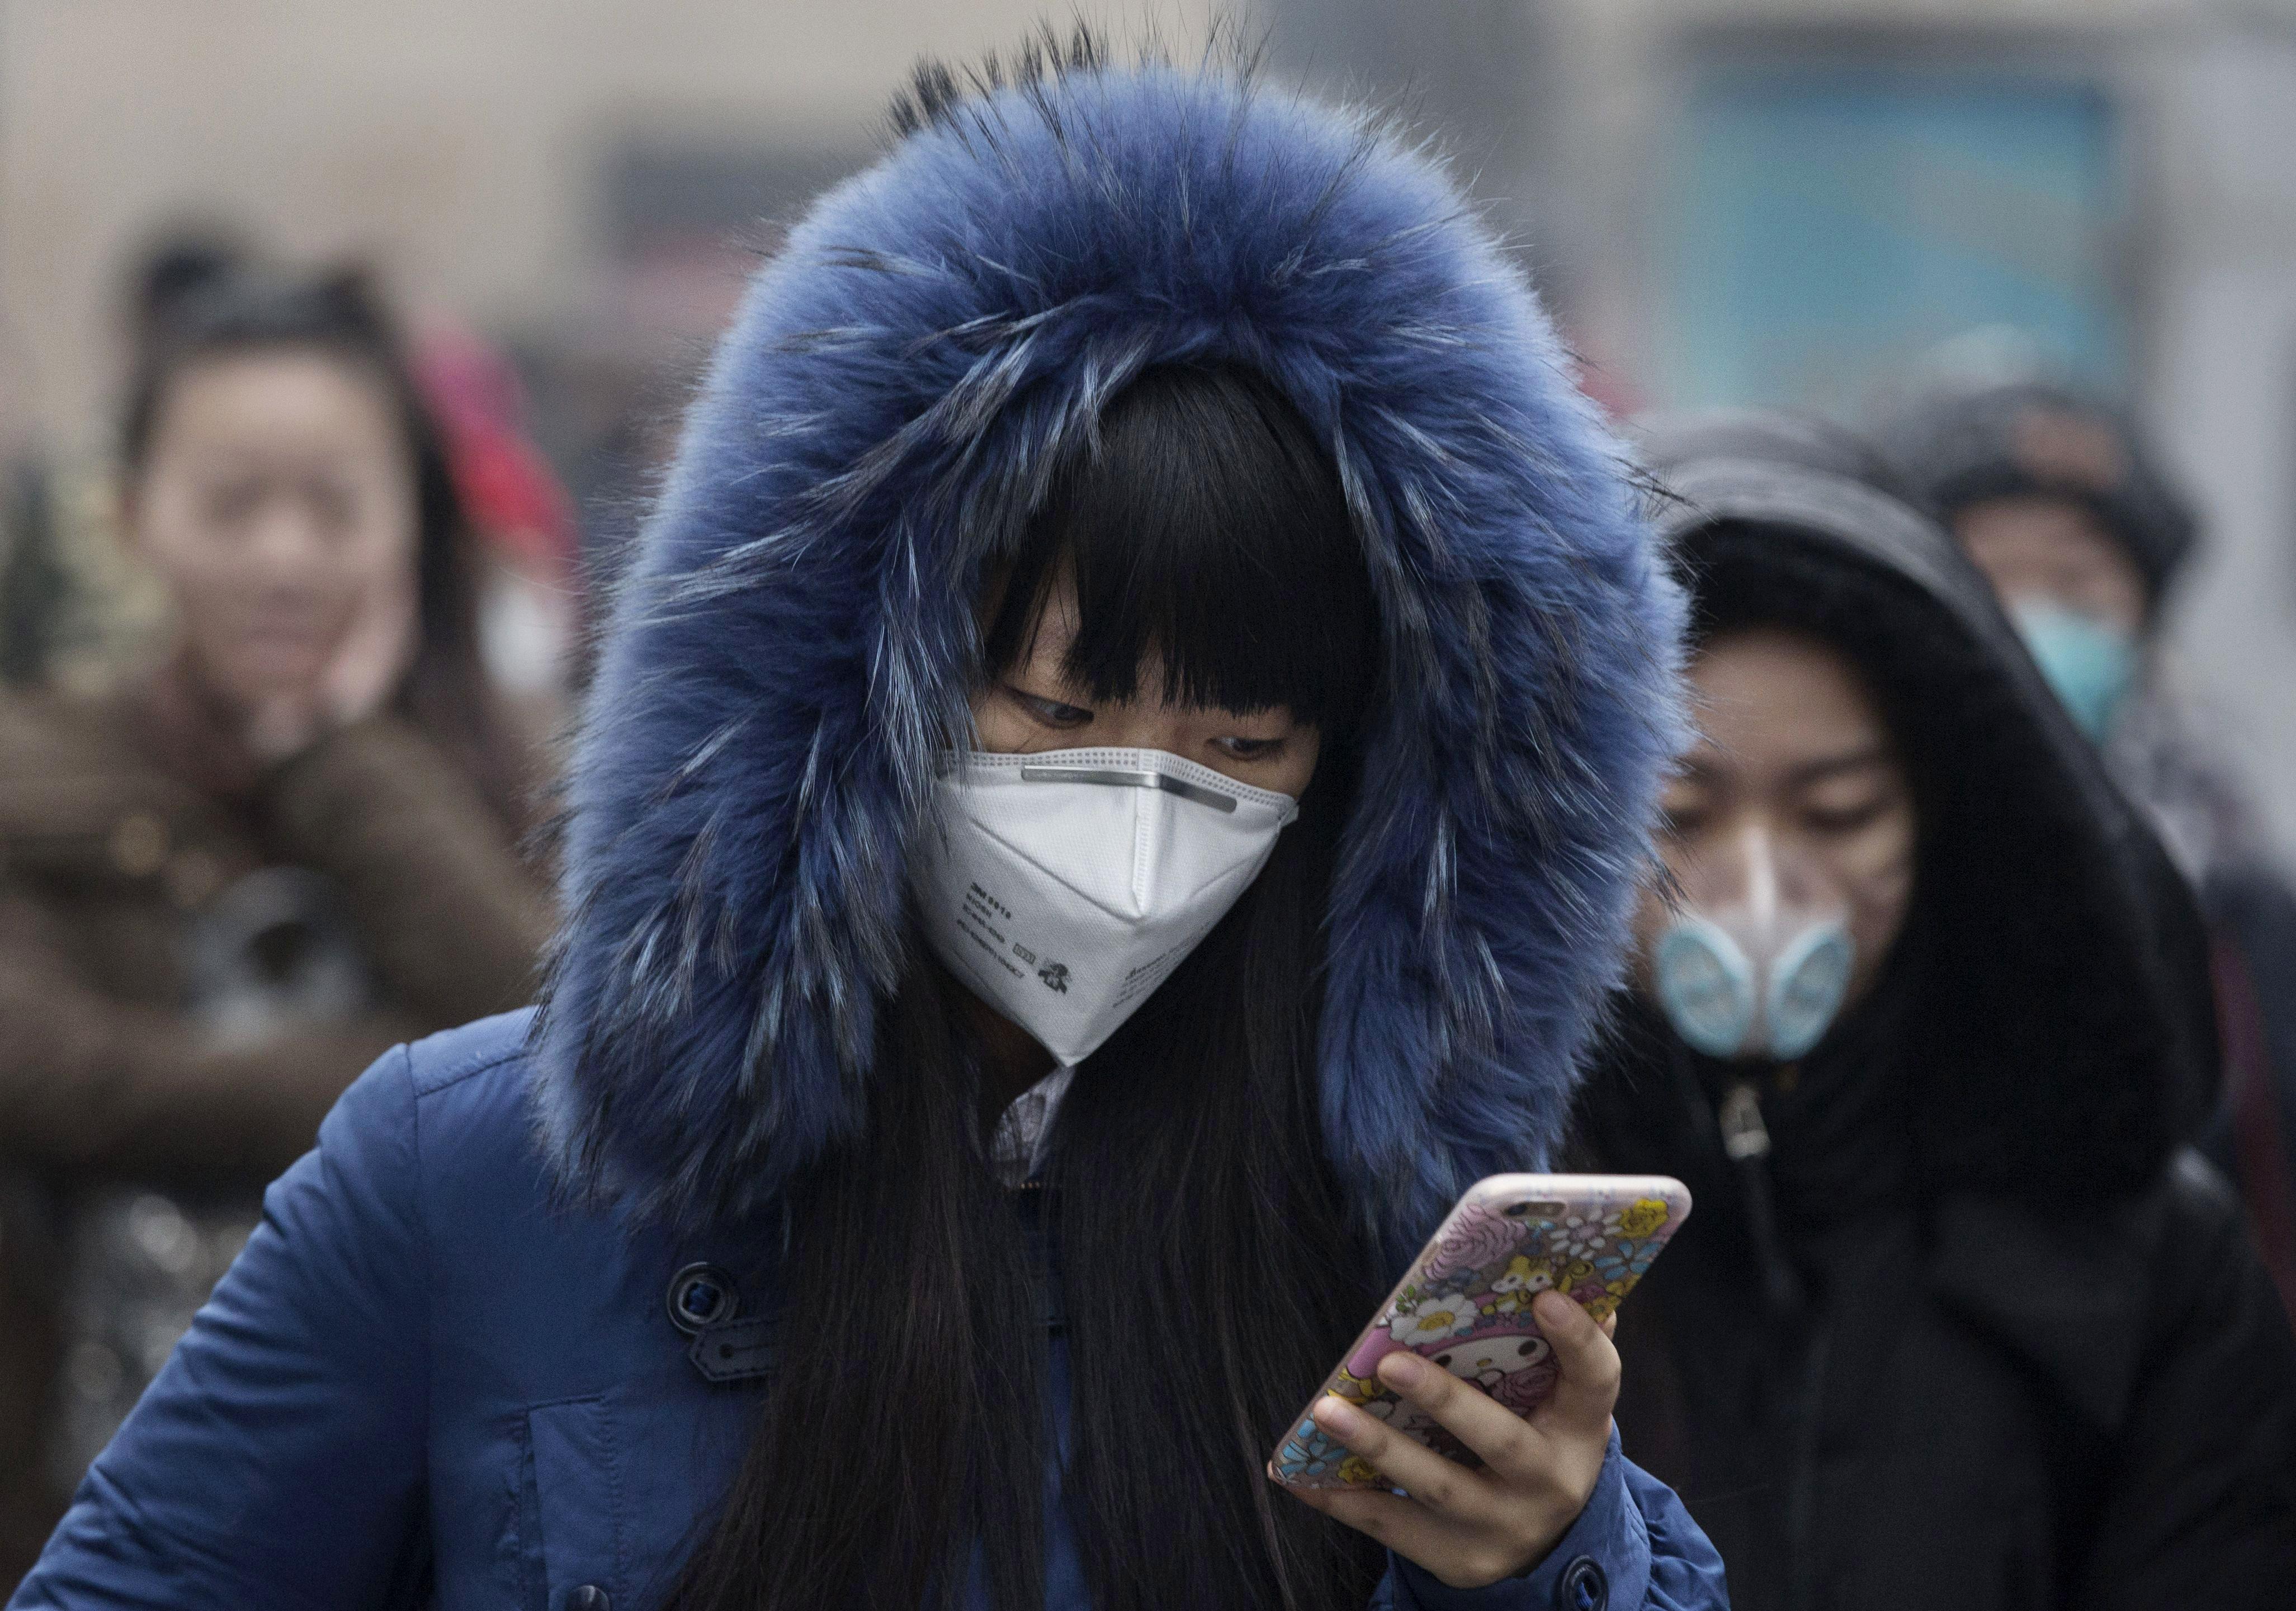 C mo lidiar con el aire contaminado que respiras expansi n for Como purificar el aire contaminado